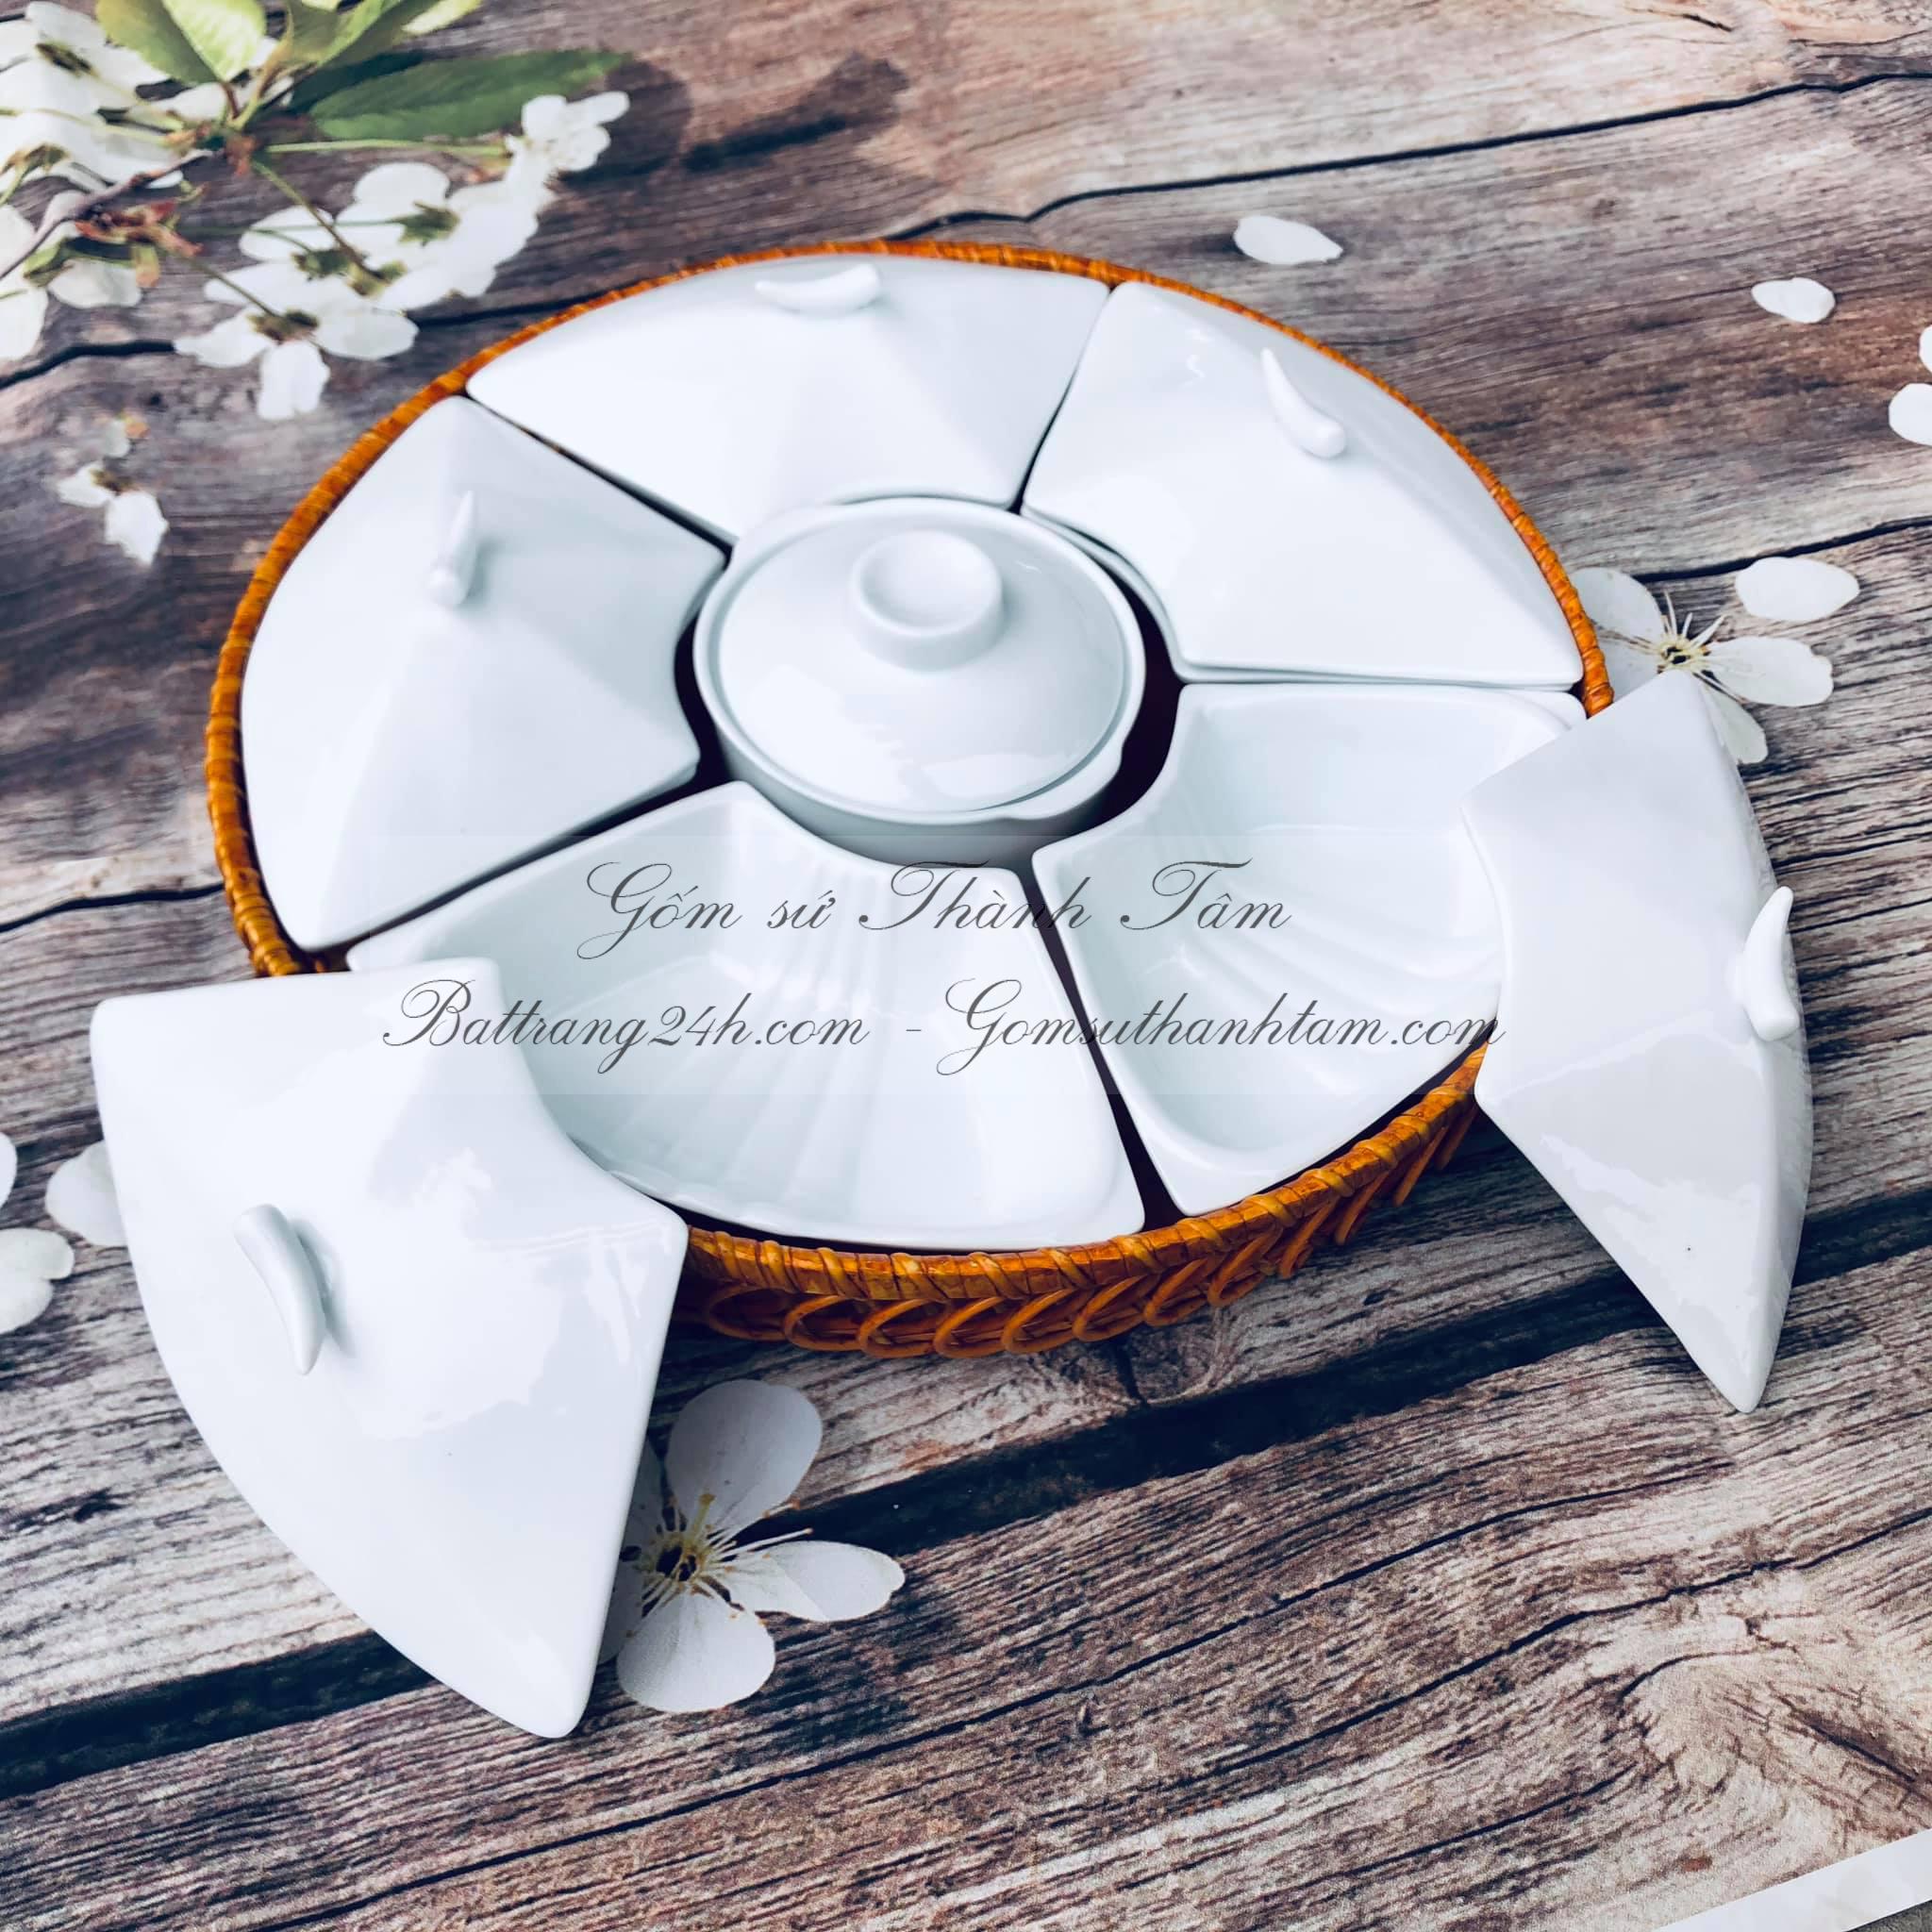 Mua khay đựng bánh kẹo gốm sứ chất lượng ở đâu giá rẻ, tốt bền đẹp nhất màu men trắng